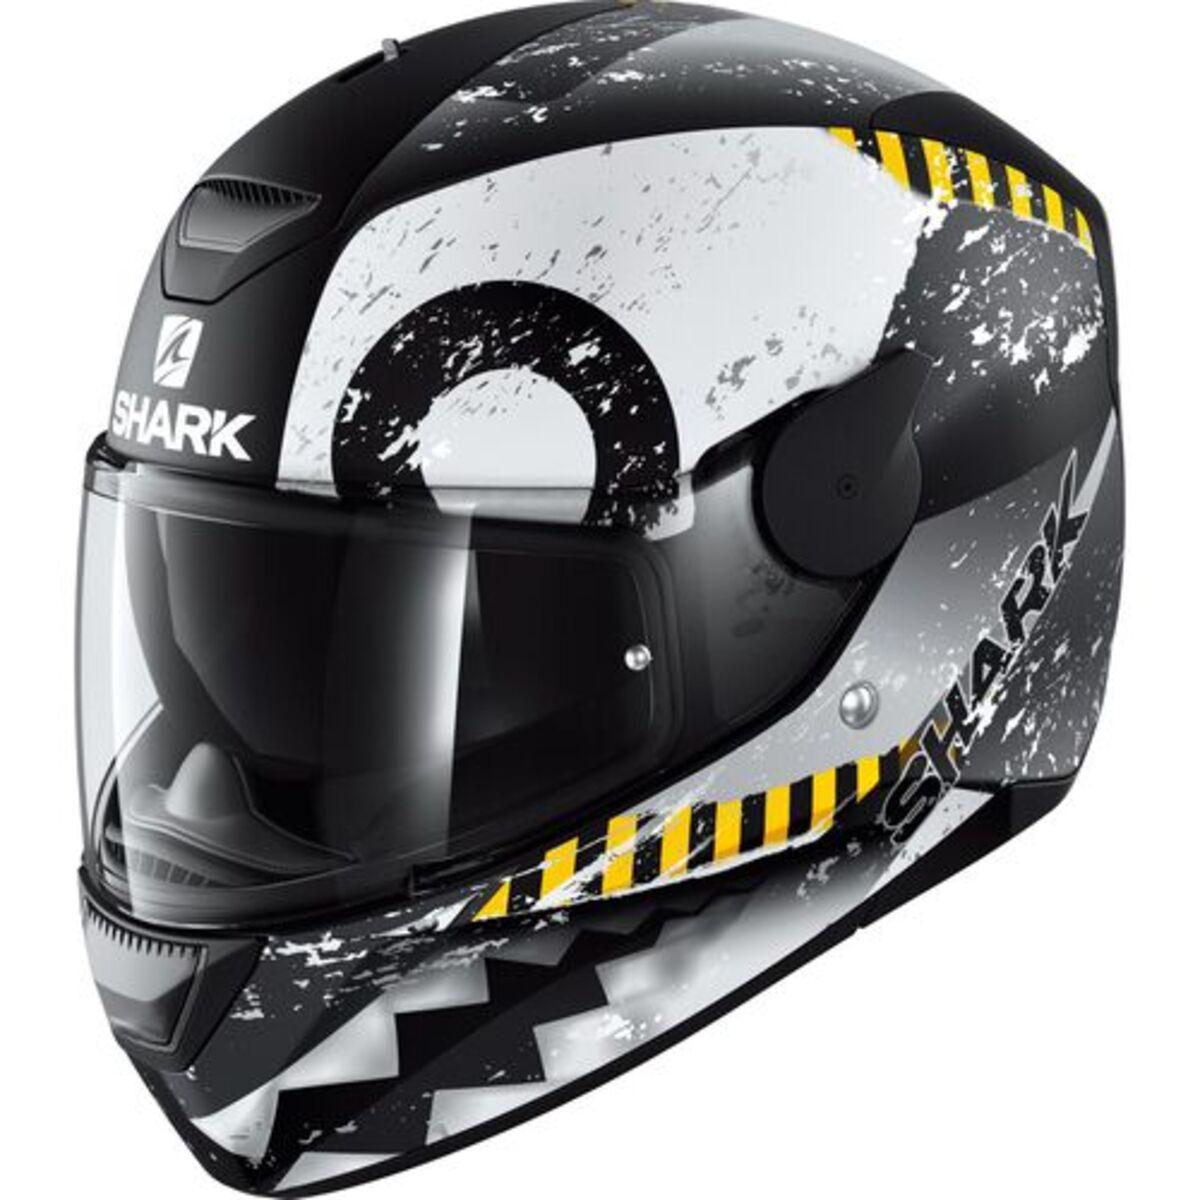 Bild 1 von Shark helmets            D-SKWAL Saurus Schwarz/Weiß/Grau Matt